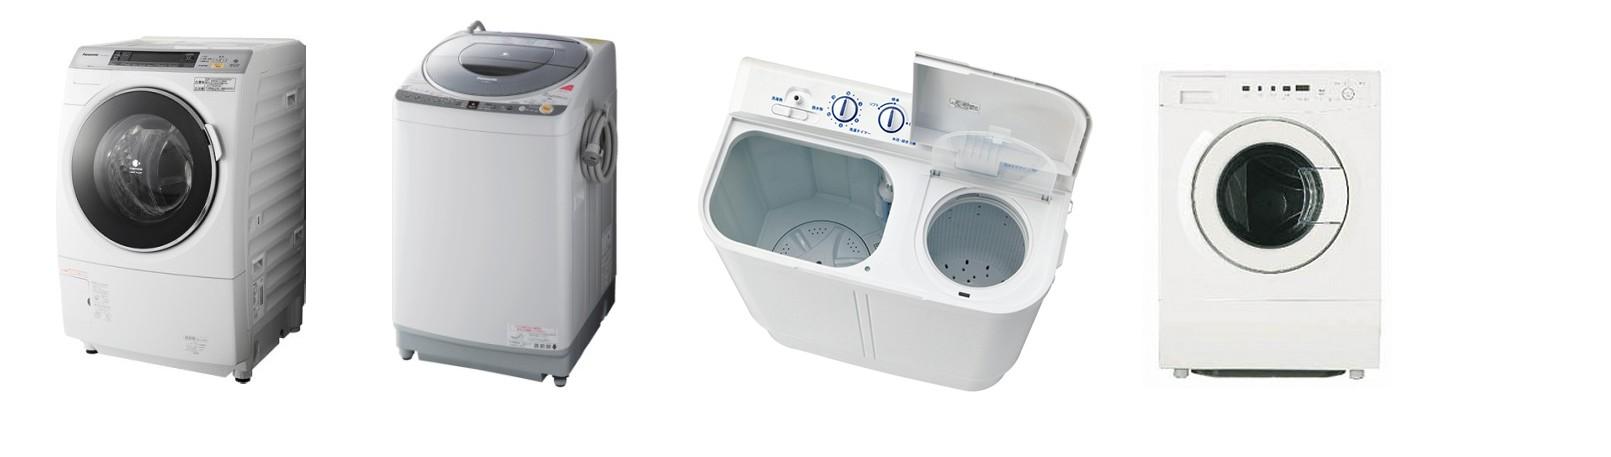 柏市で、洗濯機を処分するには?洗濯機の廃棄方法 引き取りと回収なら片付けセンターまで。